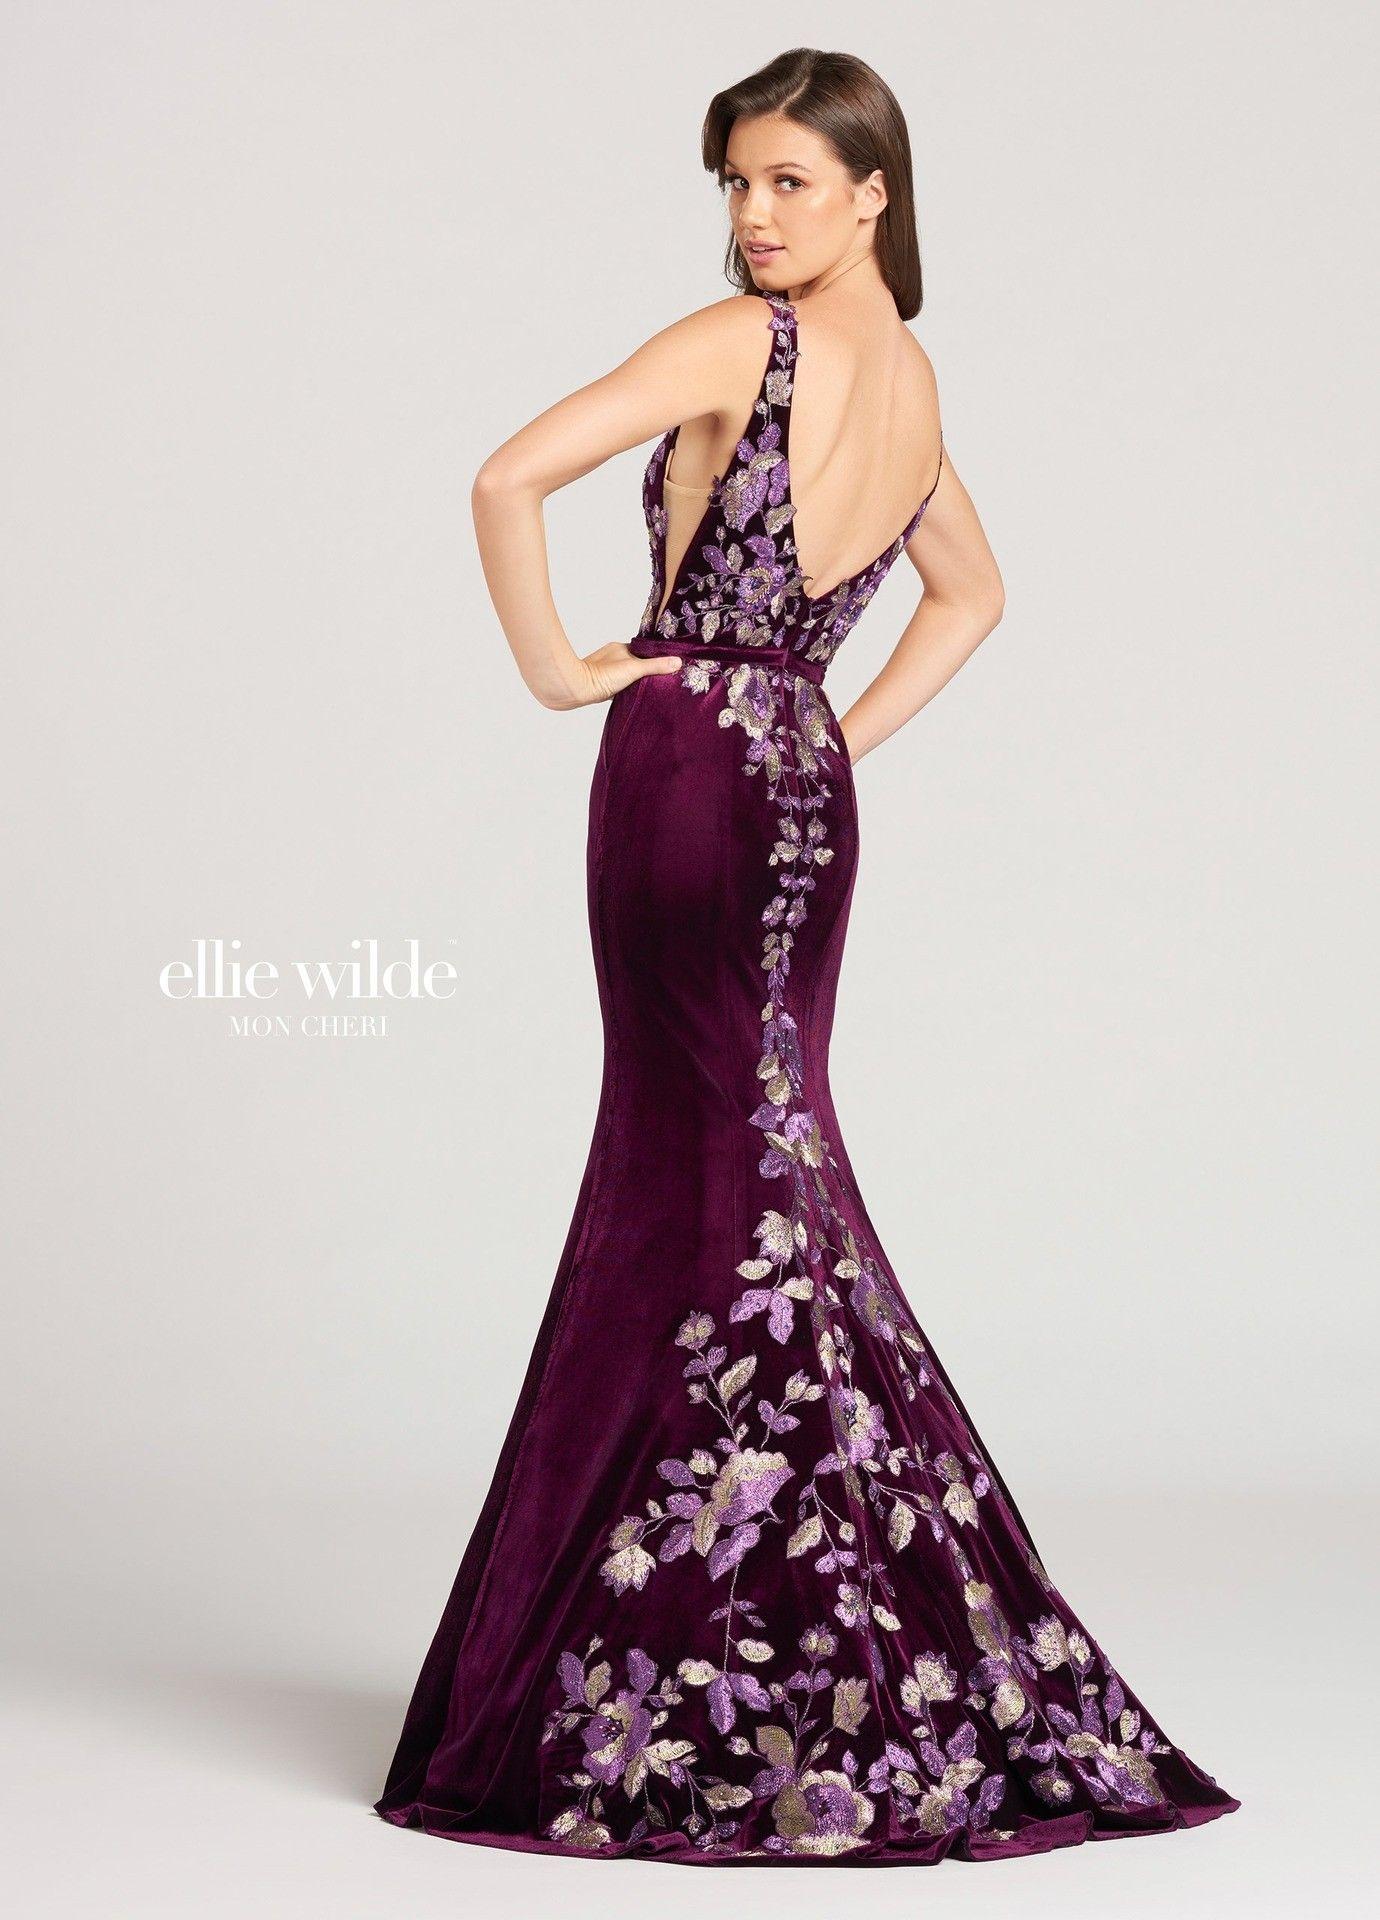 Ellie wilde ew floral velvet plunge gown dresses pinterest